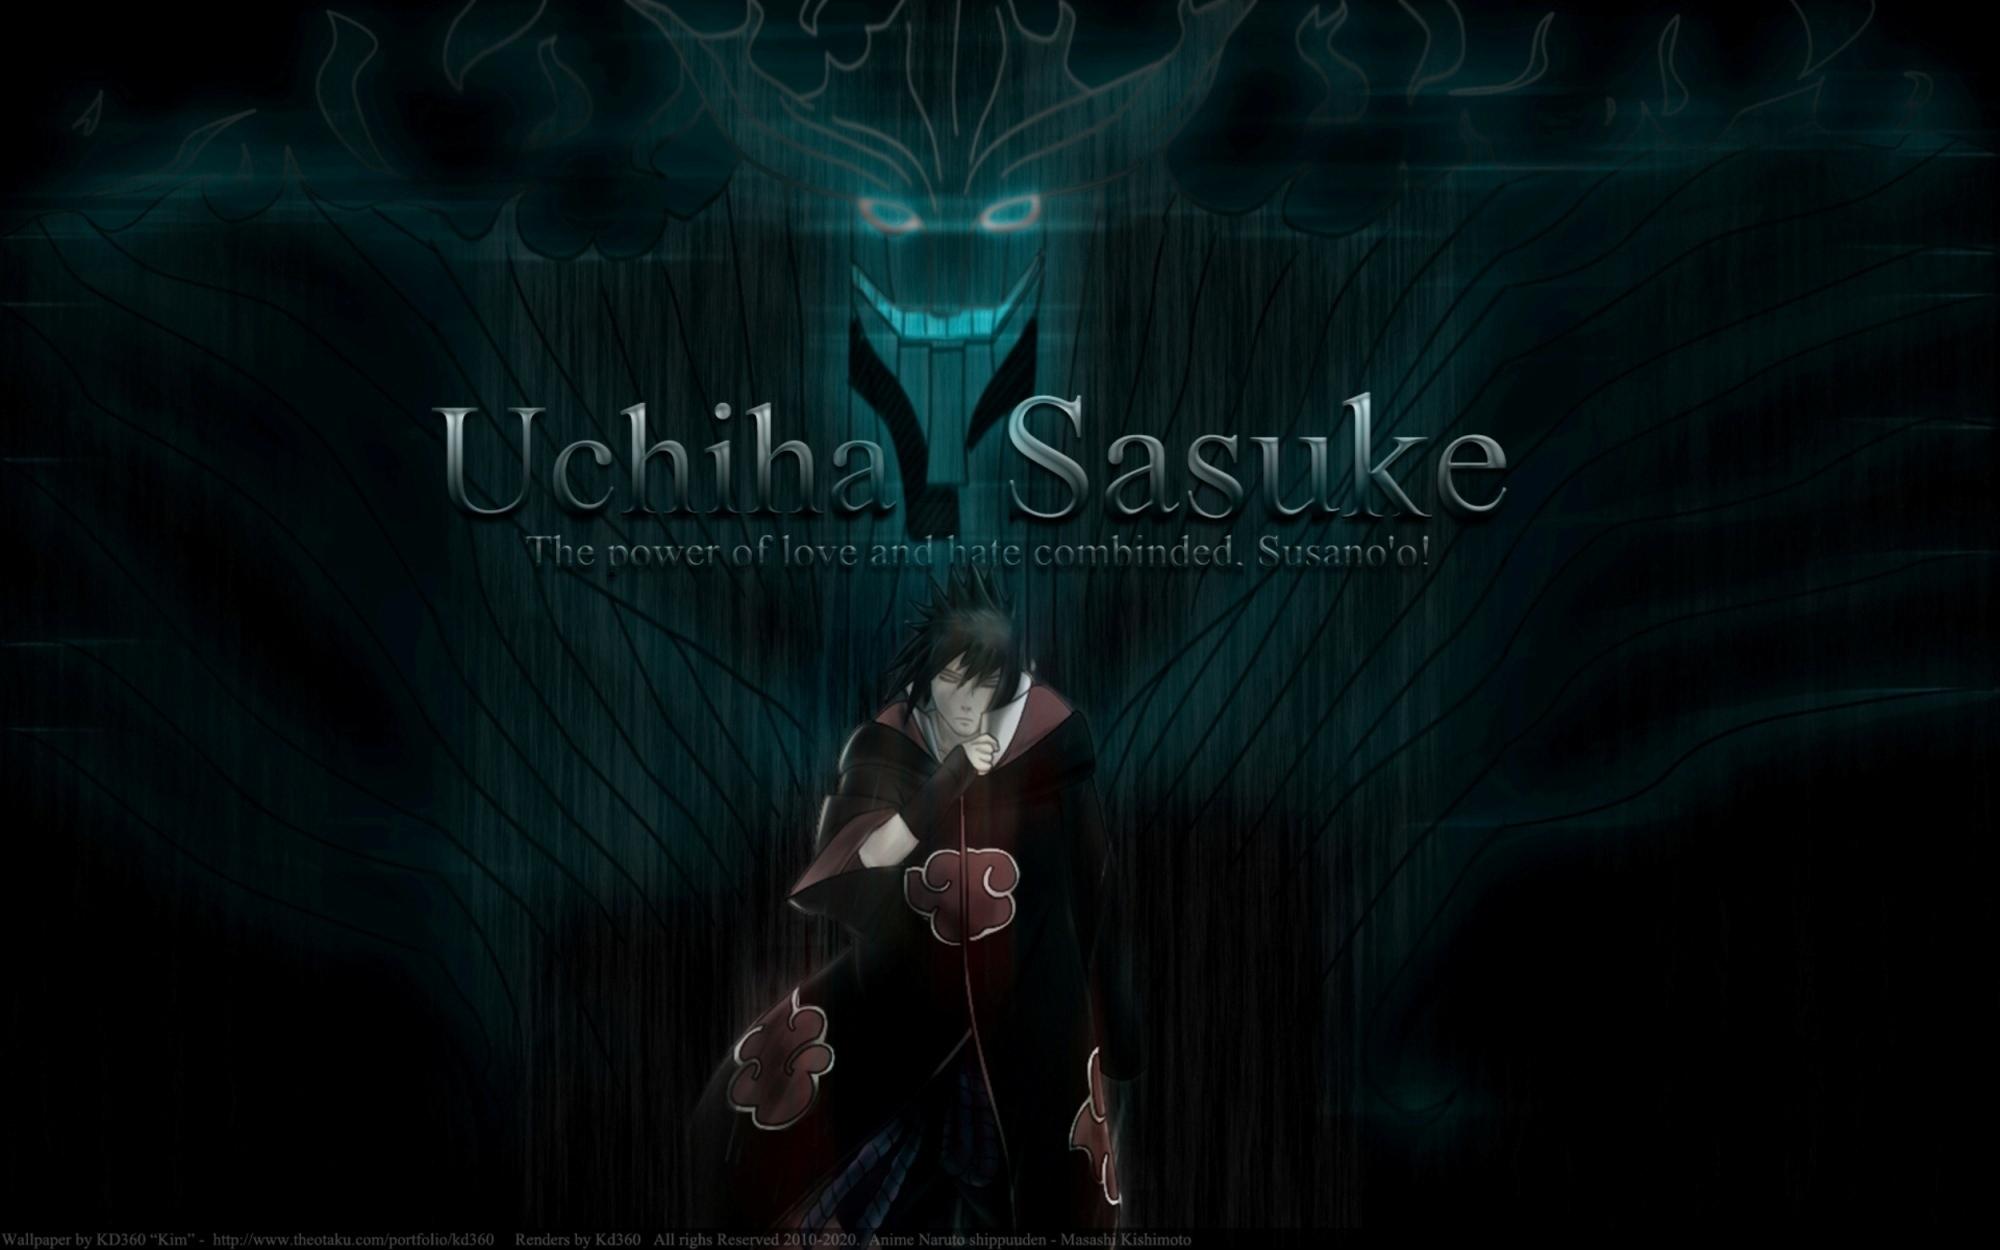 Sasuke is the best   Uchiha Sasuke Wallpaper 15494046 2000x1250